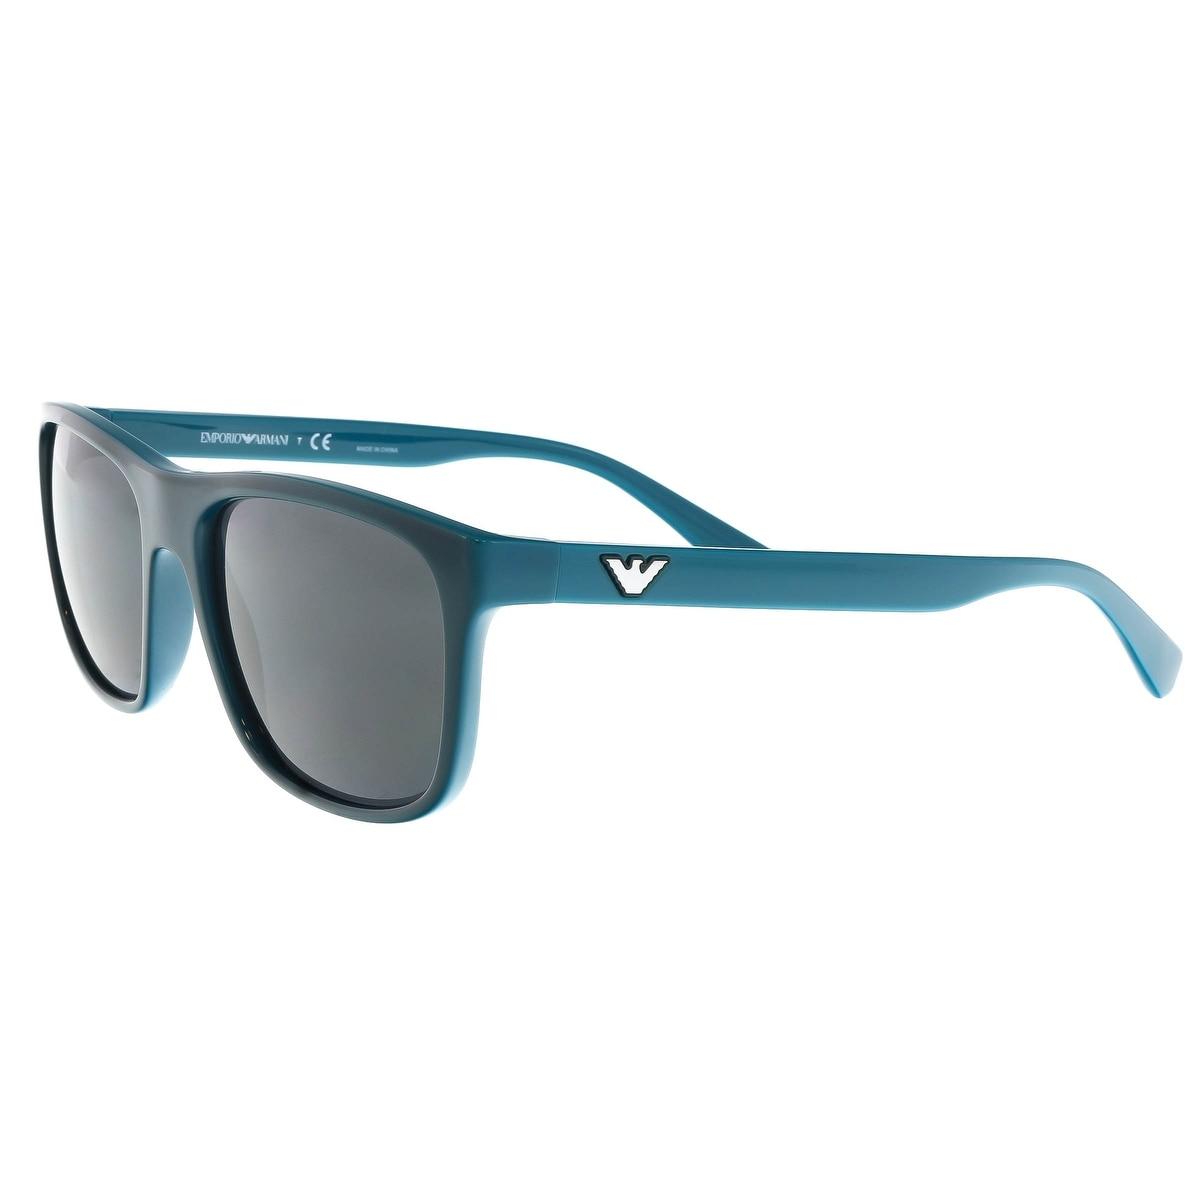 fe7deaebcf59 Emporio Armani Sunglasses